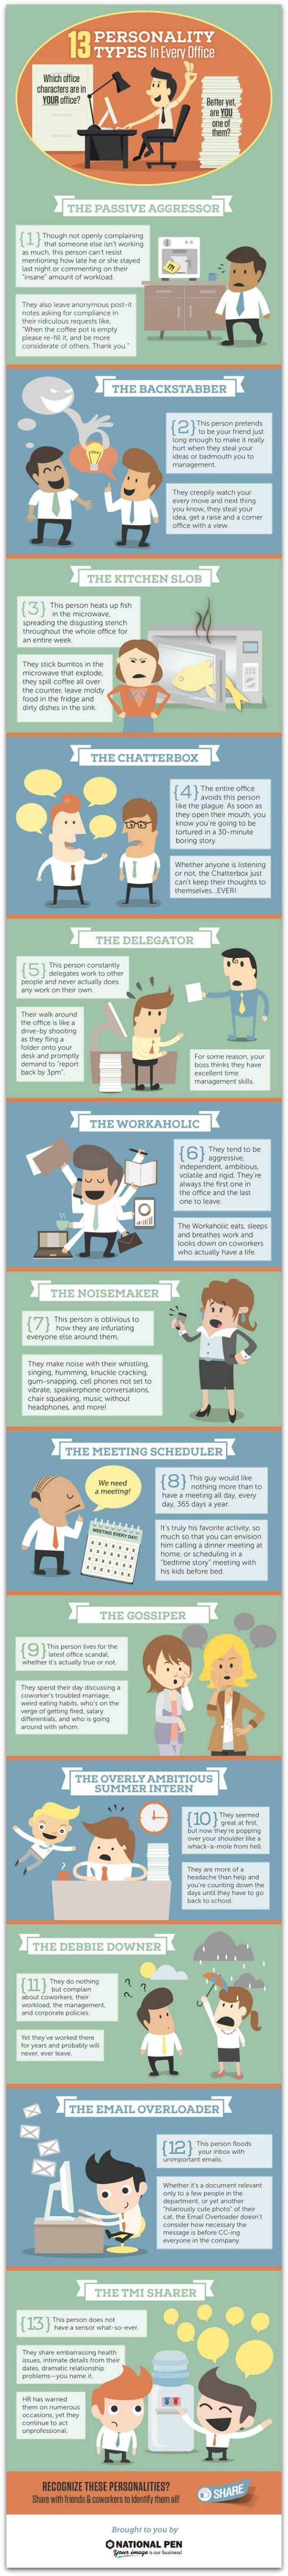 13 tipos de personalidades que hay en las oficinas